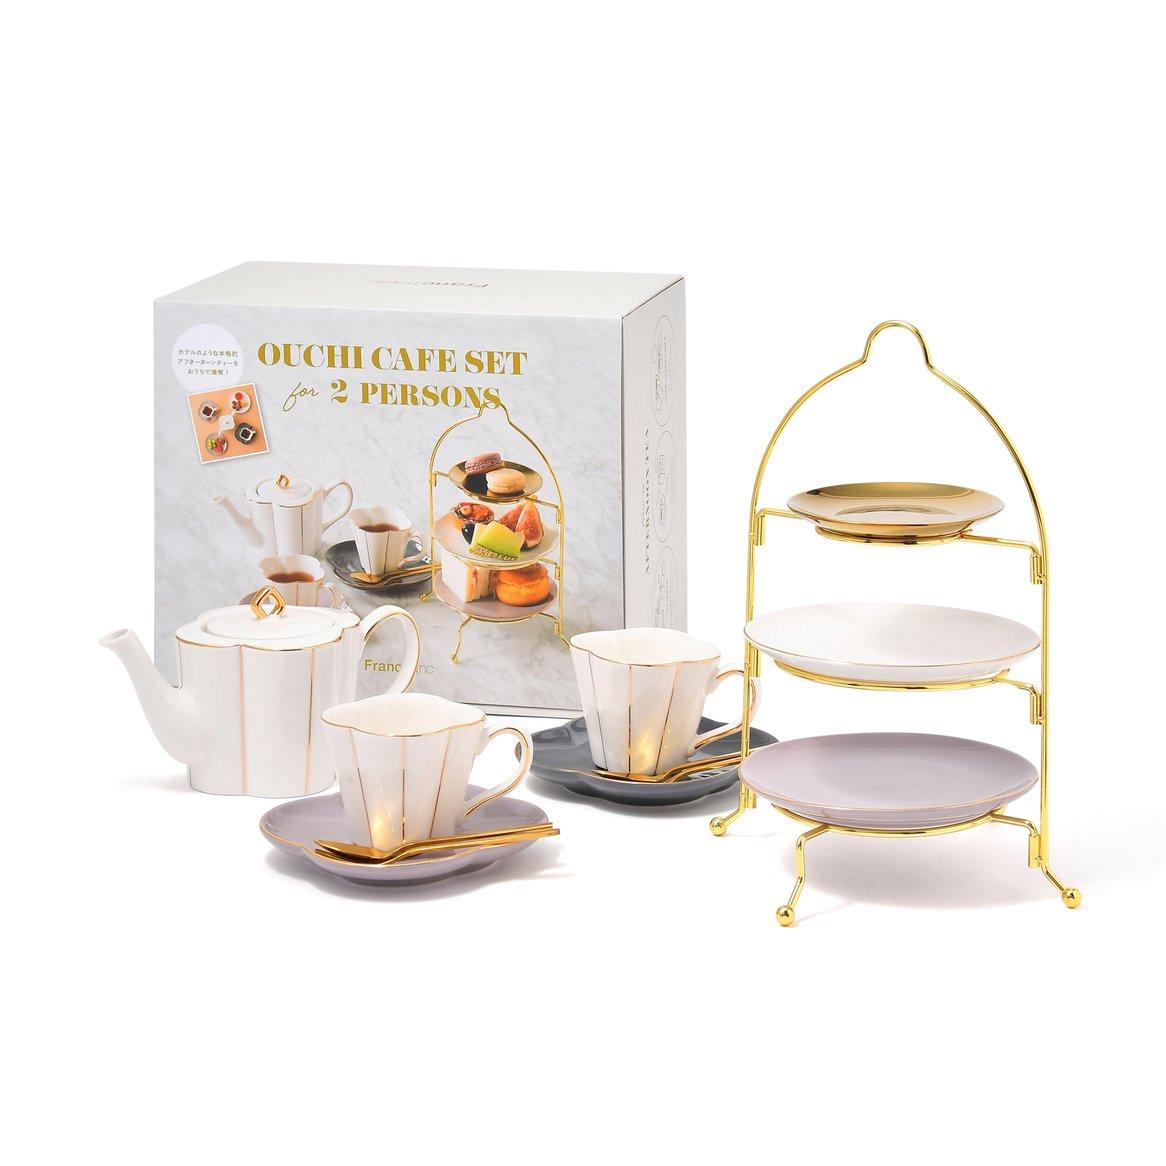 Francfranc(フランフラン) おうちカフェセット 2 personsの商品画像